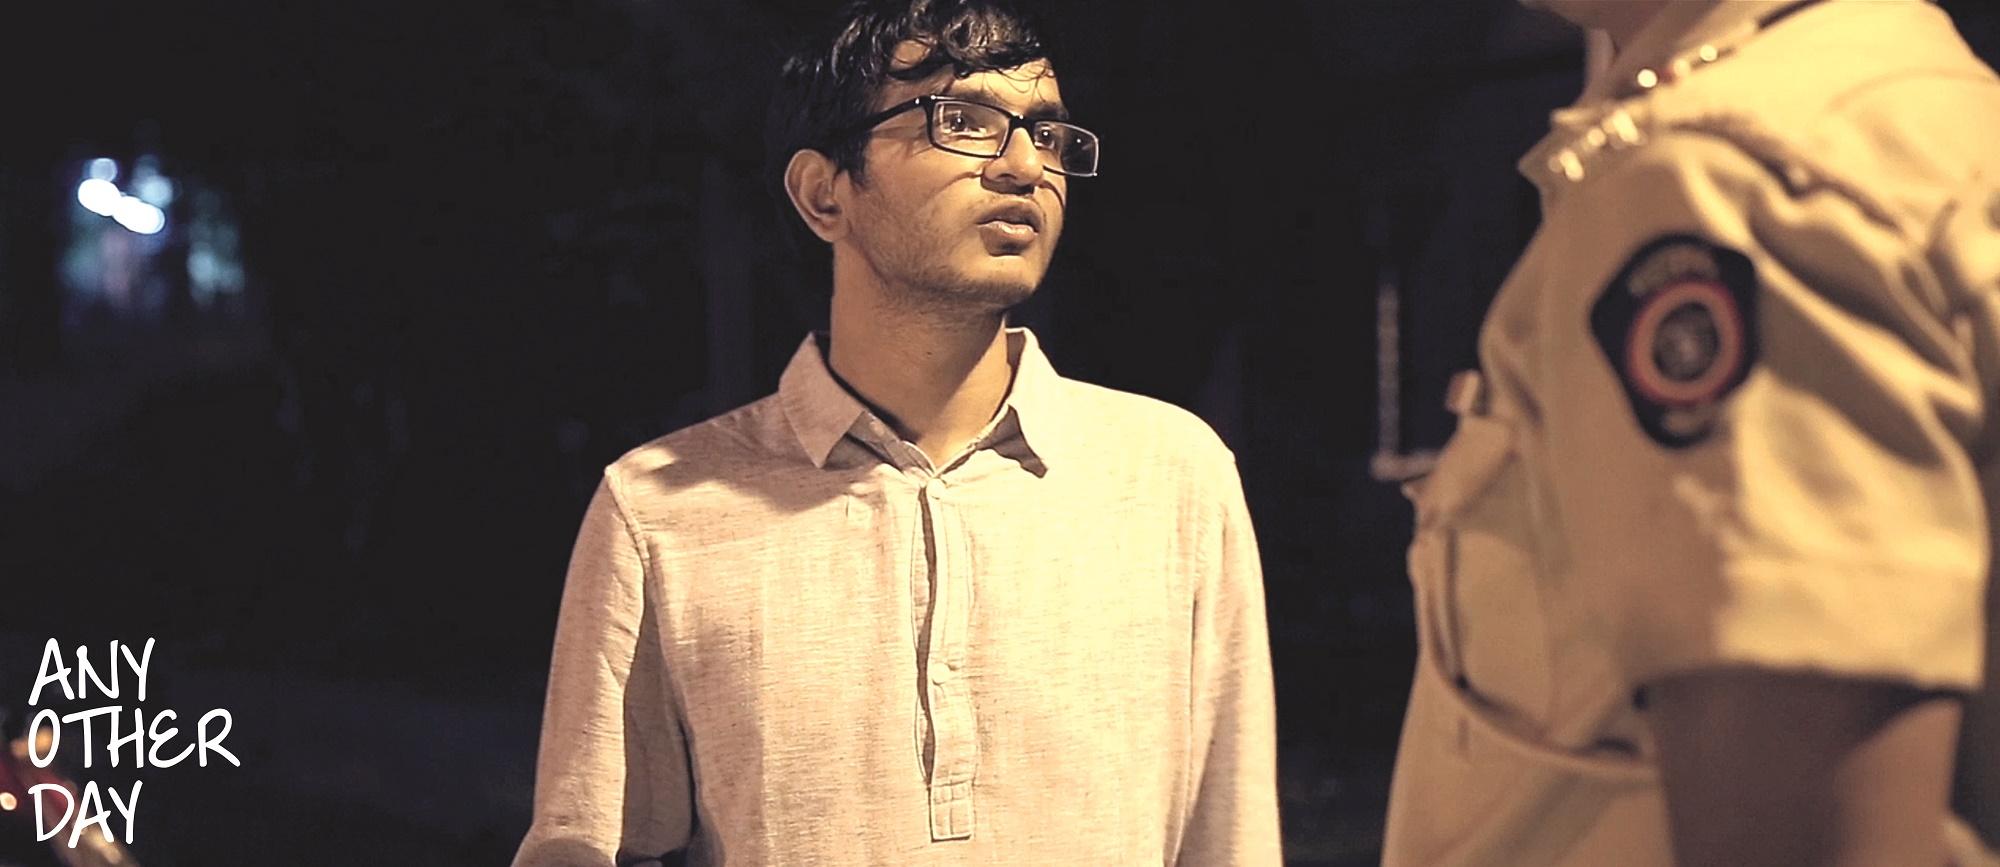 印度片〈某天某夜〉APQFFA贏得最佳亞太酷兒短片獎